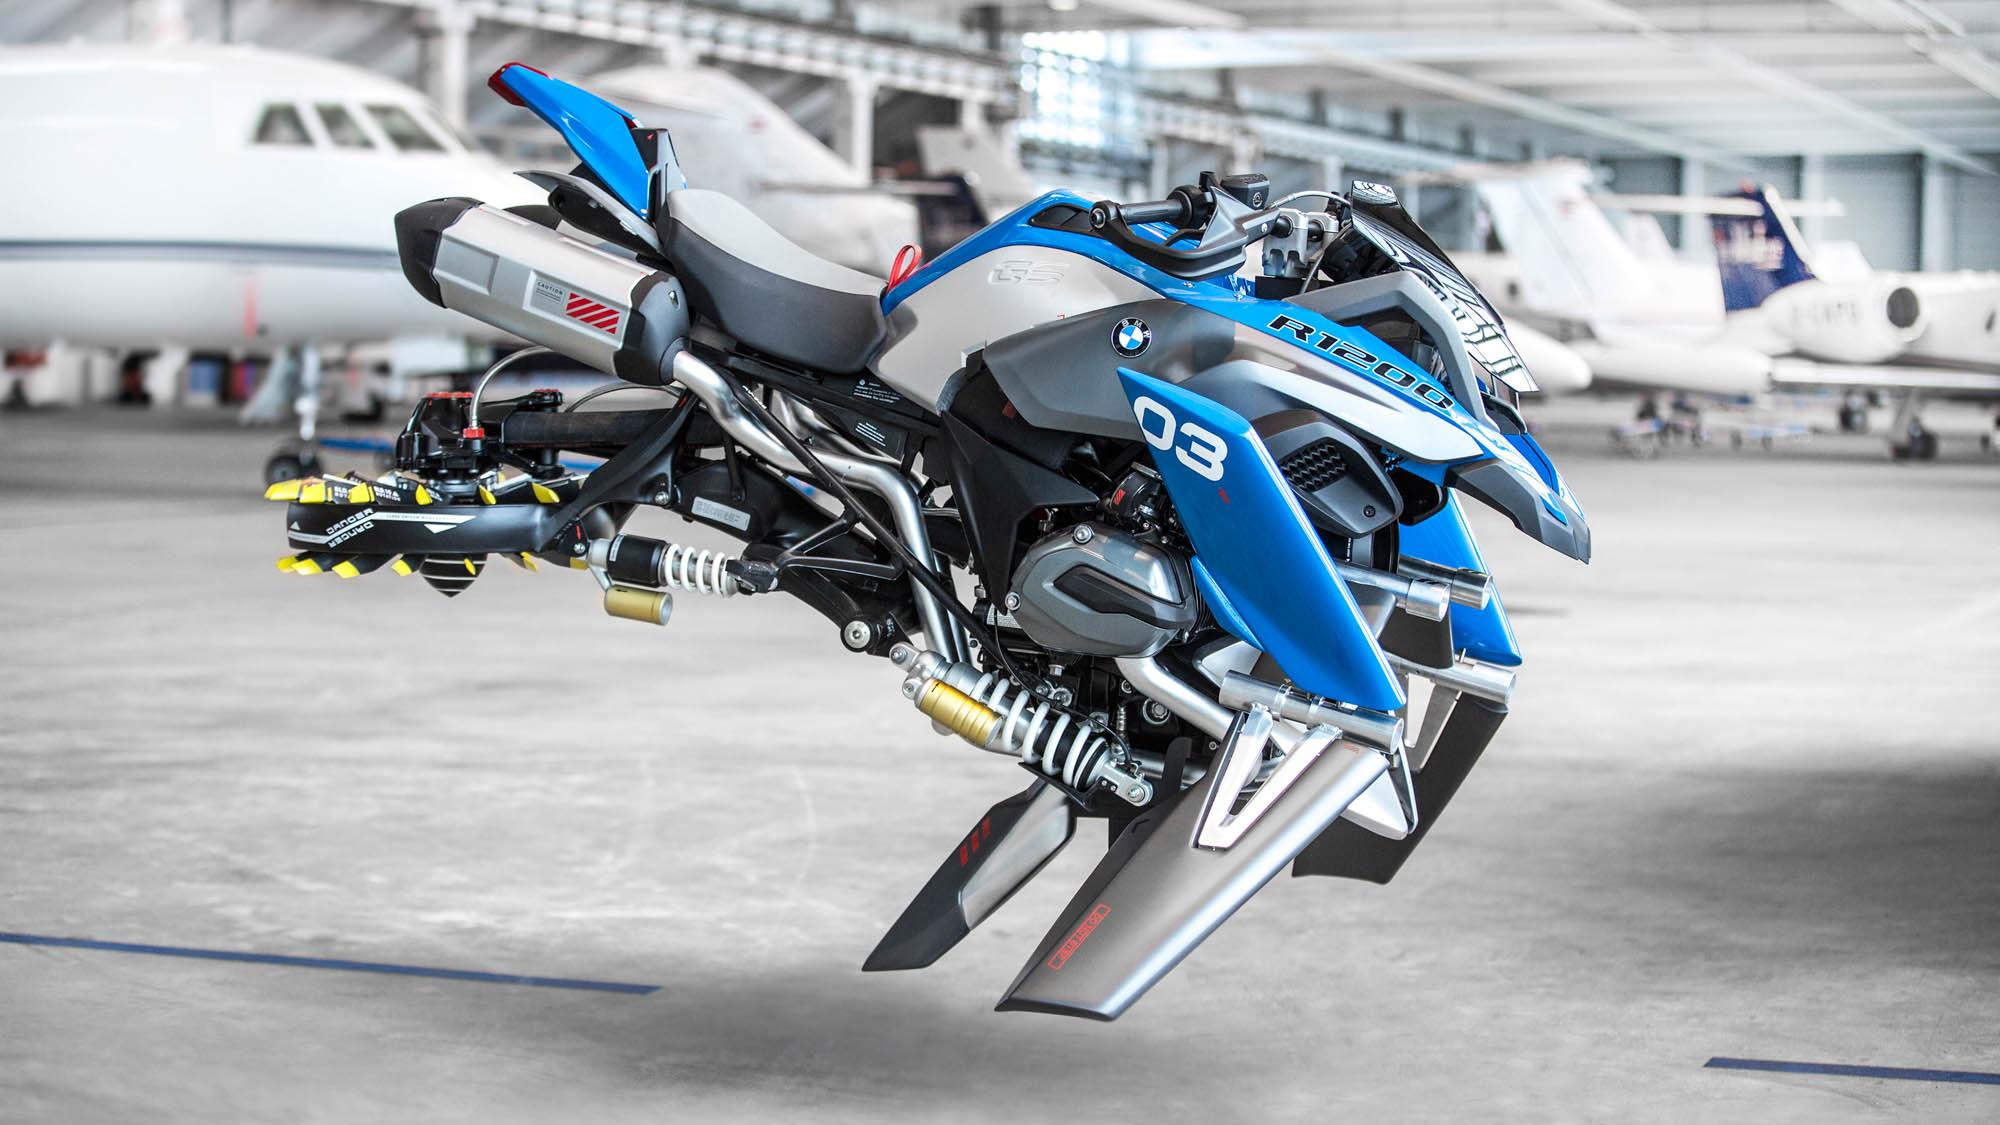 Lego Technic BMW Motorrad R 1200 GS Adventure Hover Ride